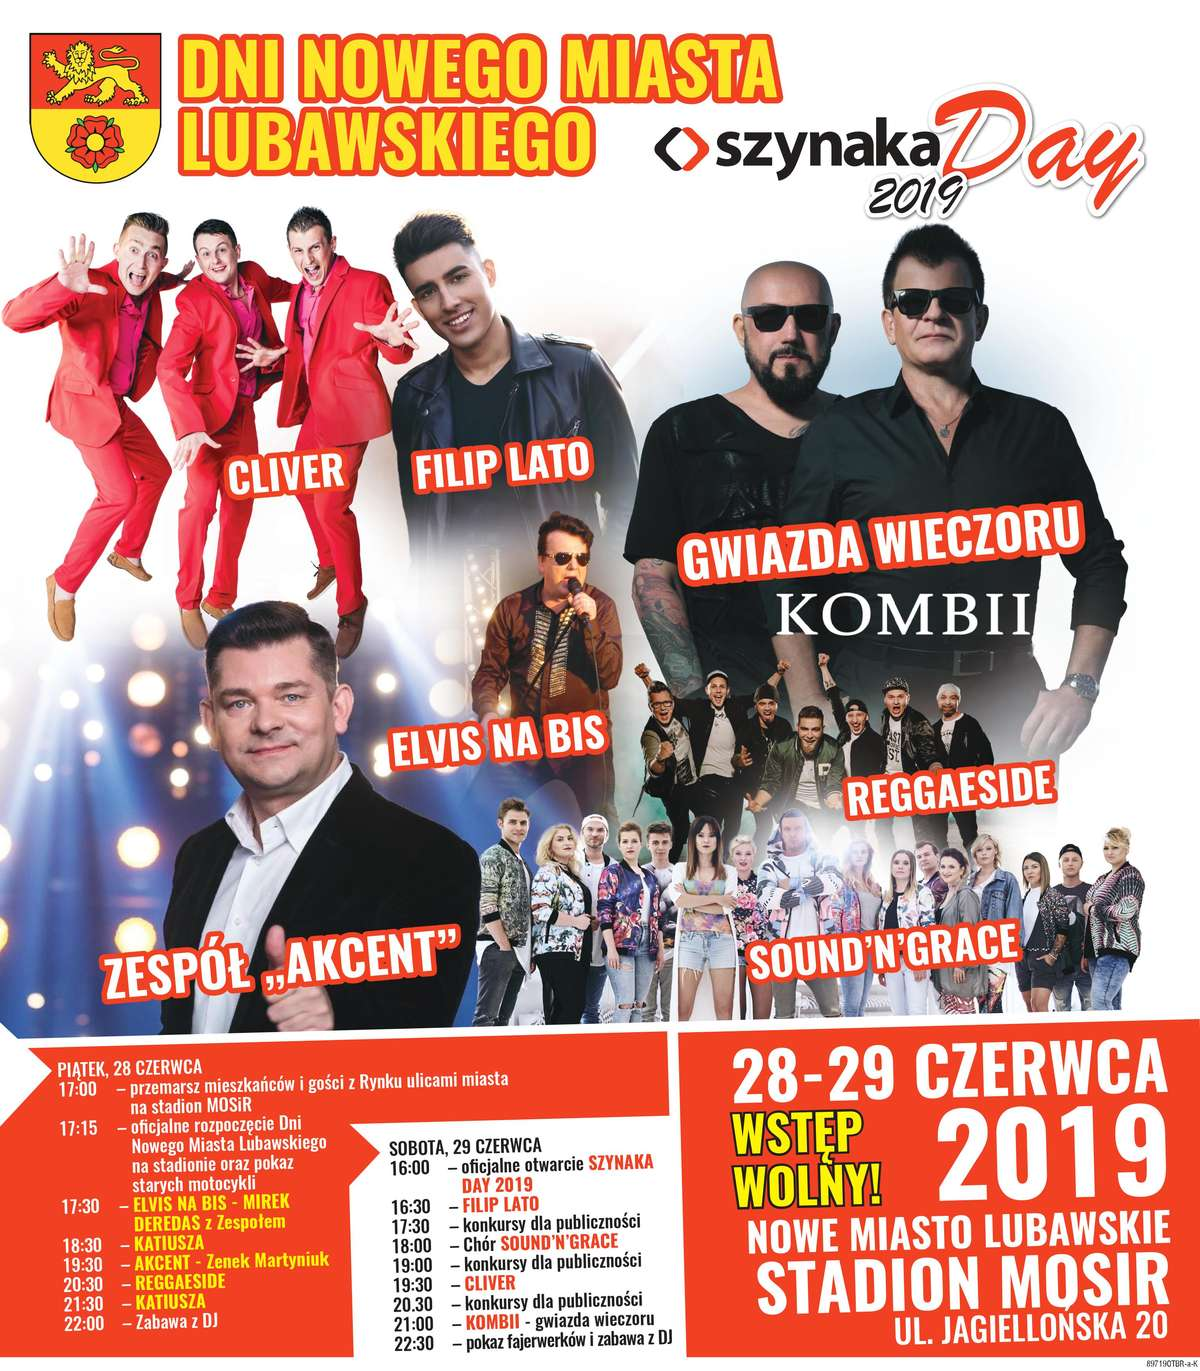 DNI NOWEGO  MIASTA LUBAWSKIEGO i Szynaka Day 2019 - full image